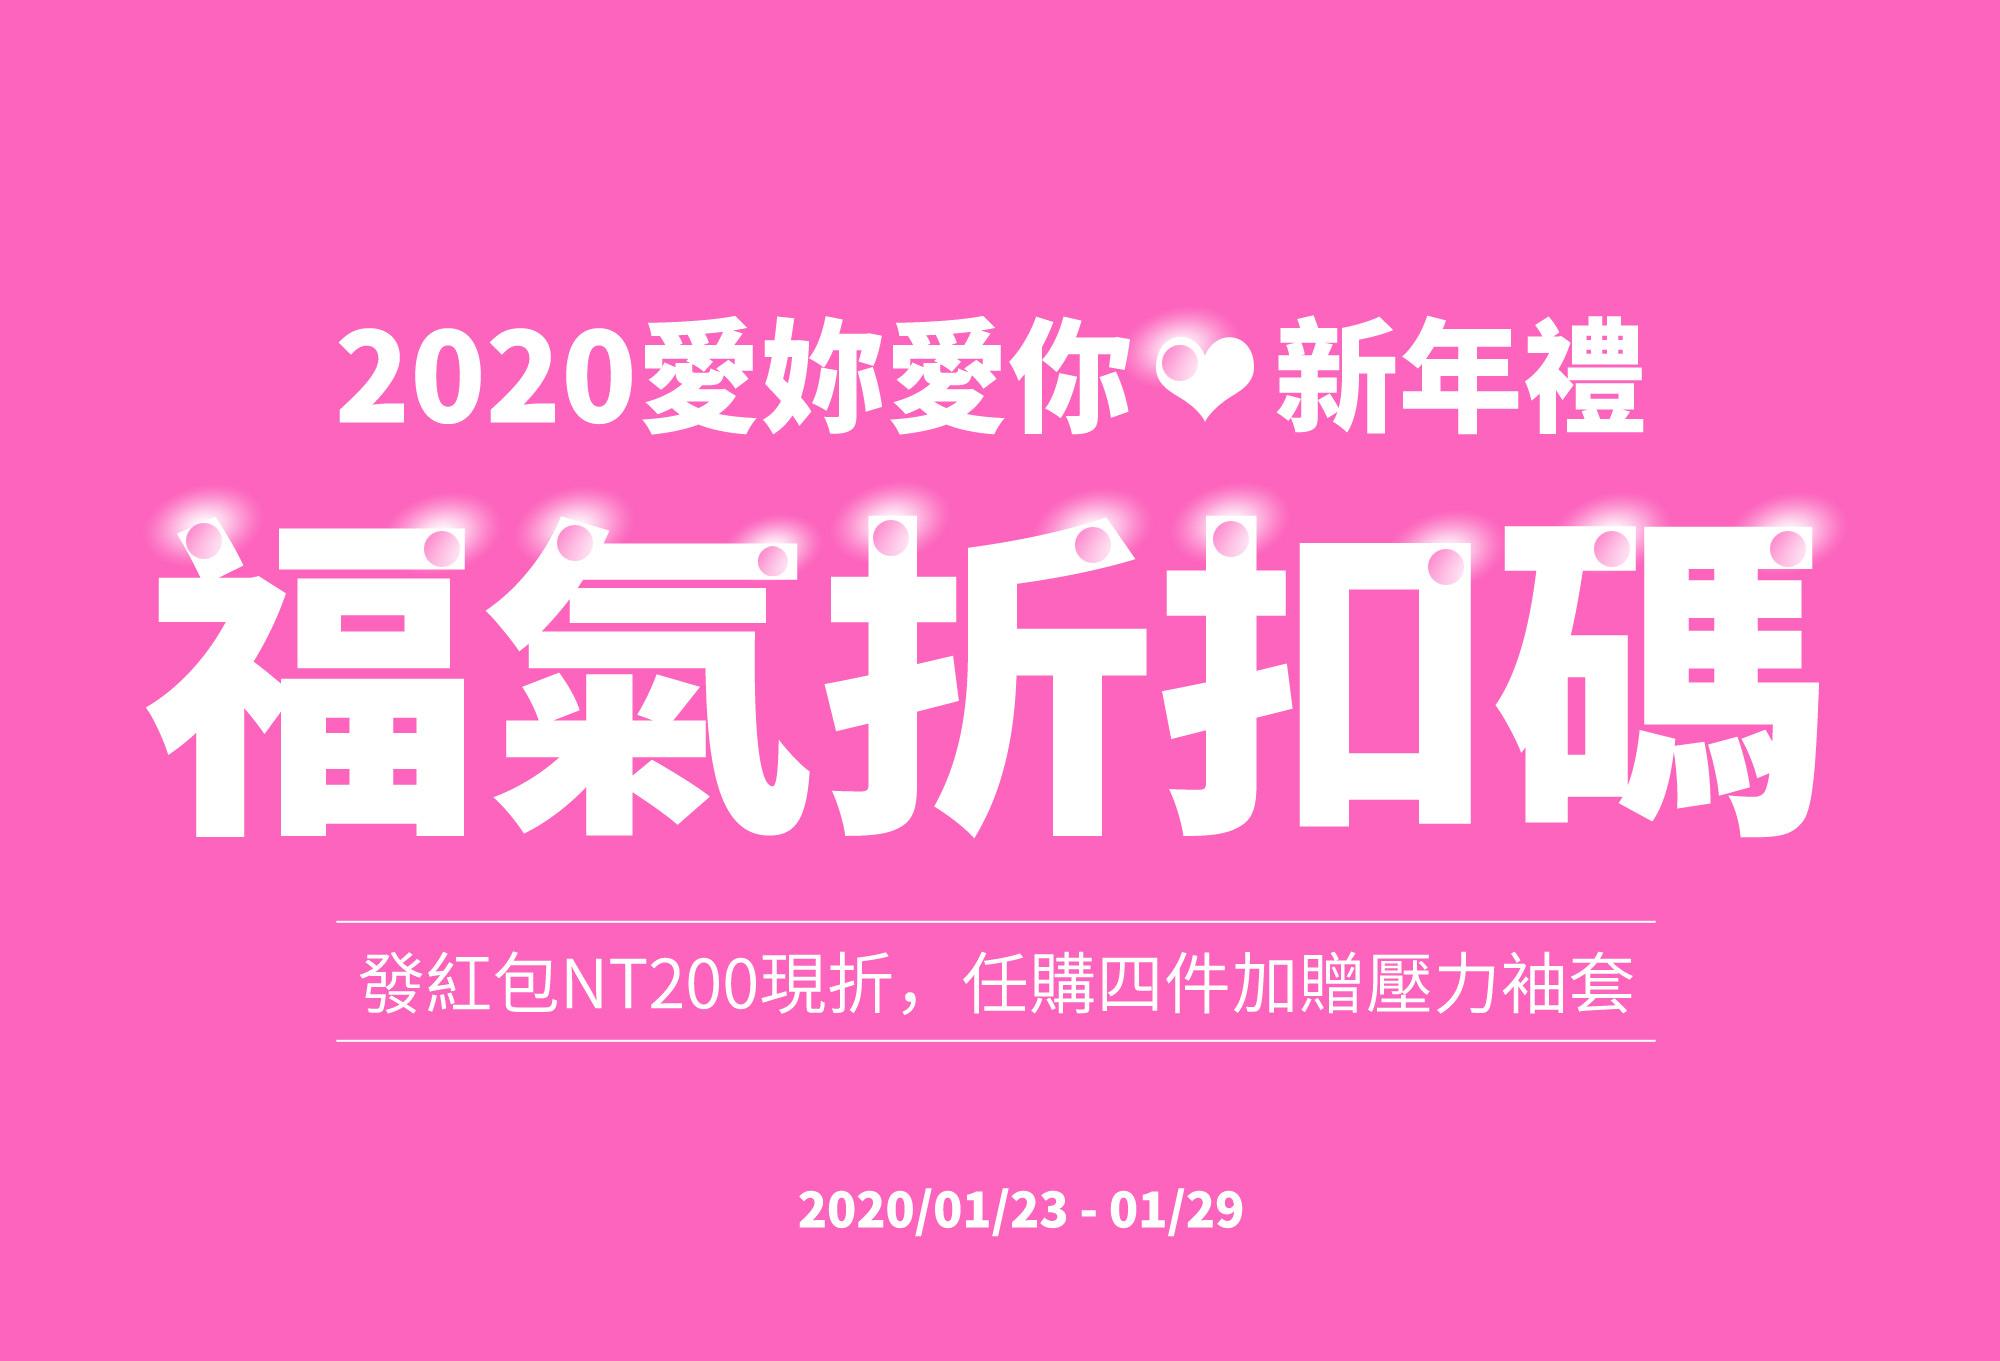 會員限定折扣碼,取得NT200元現金折價!